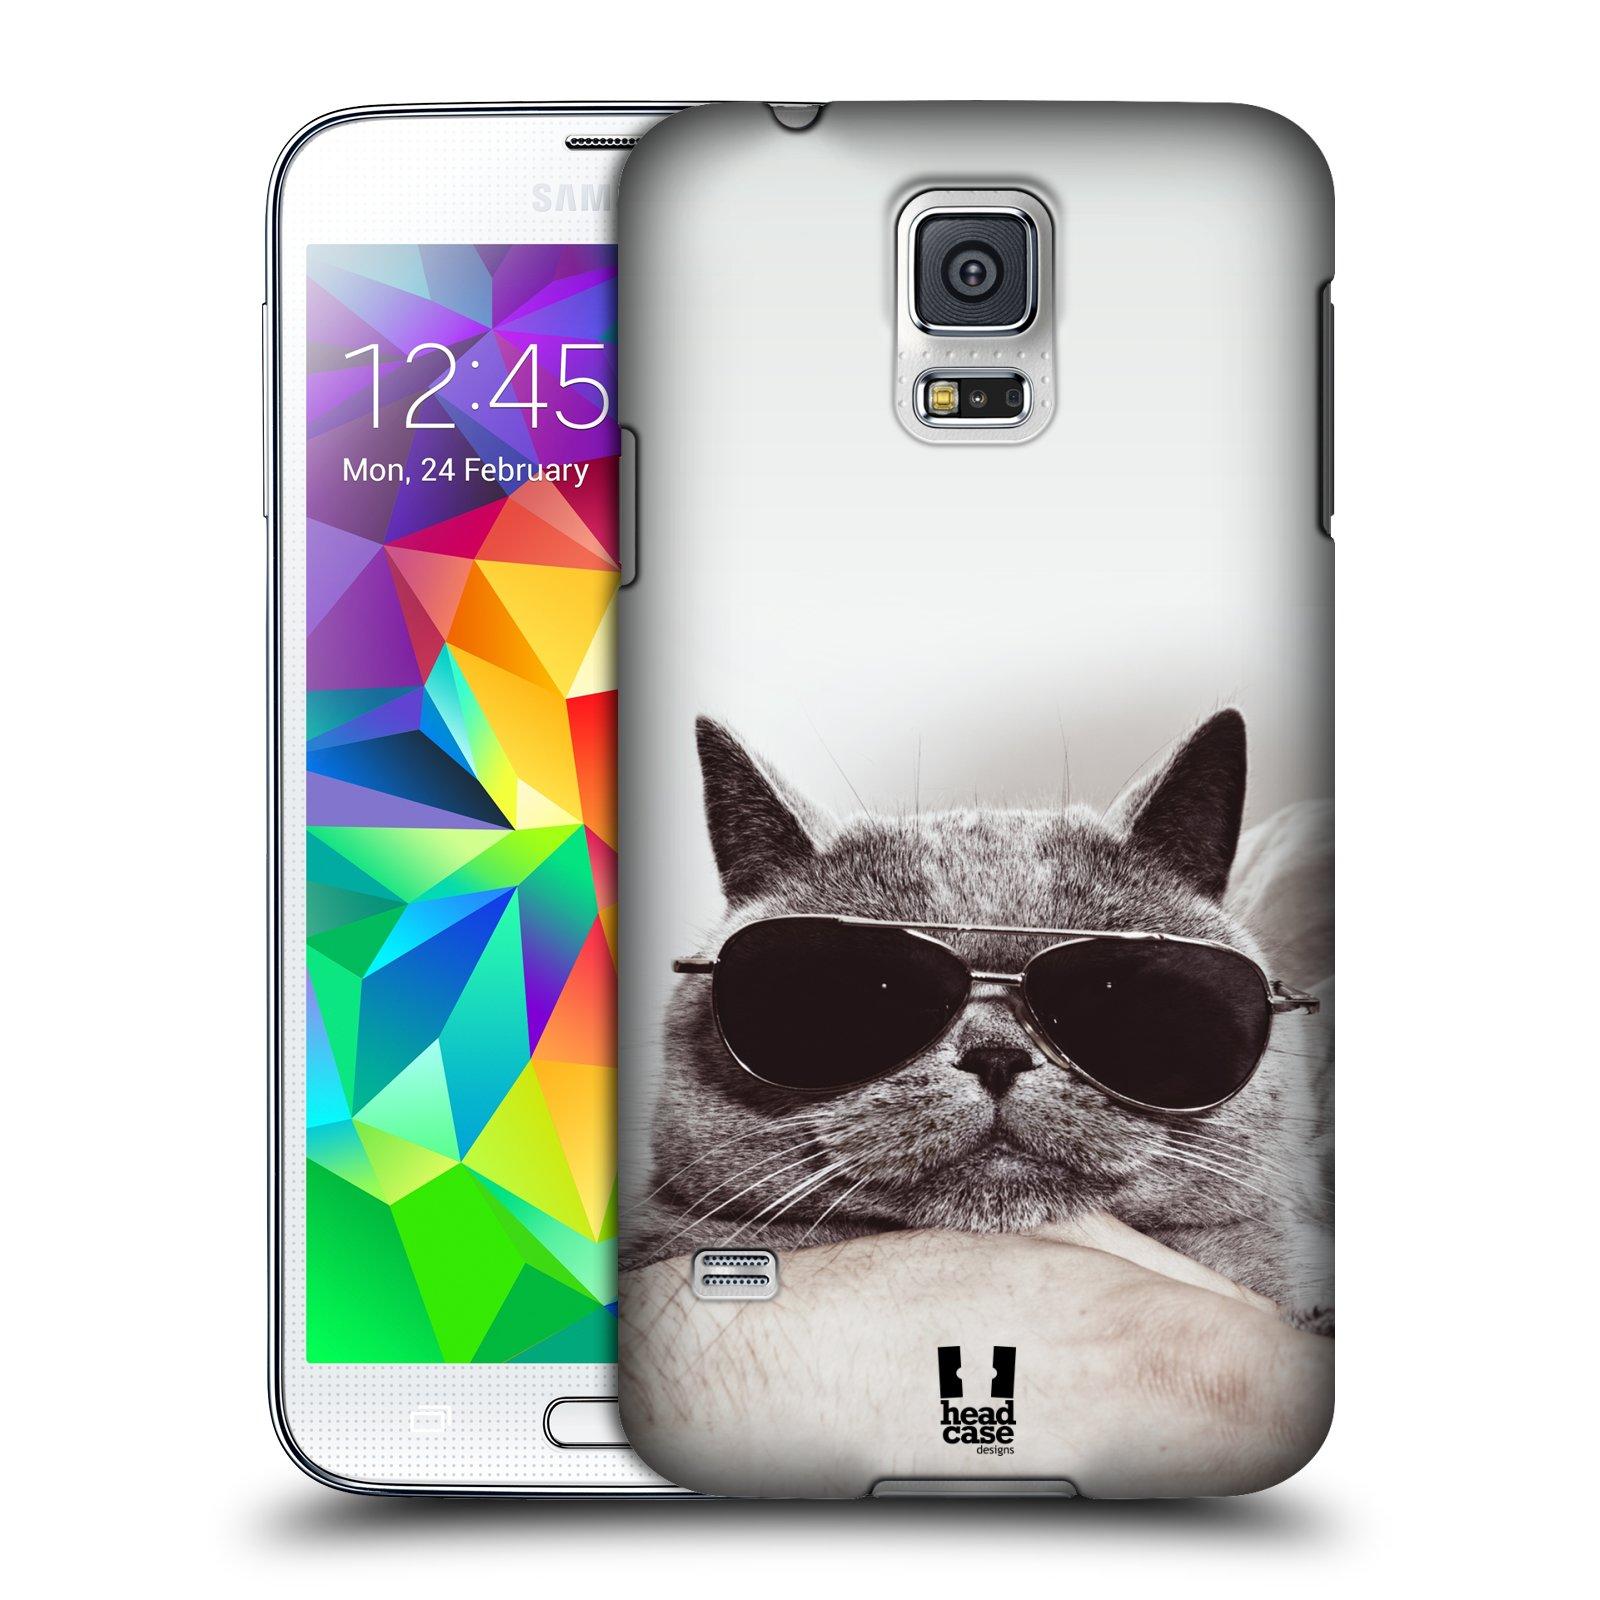 Plastové pouzdro na mobil Samsung Galaxy S5 Neo HEAD CASE KOTĚ S BRÝLEMI (Kryt či obal na mobilní telefon Samsung Galaxy S5 Neo SM-G903F)